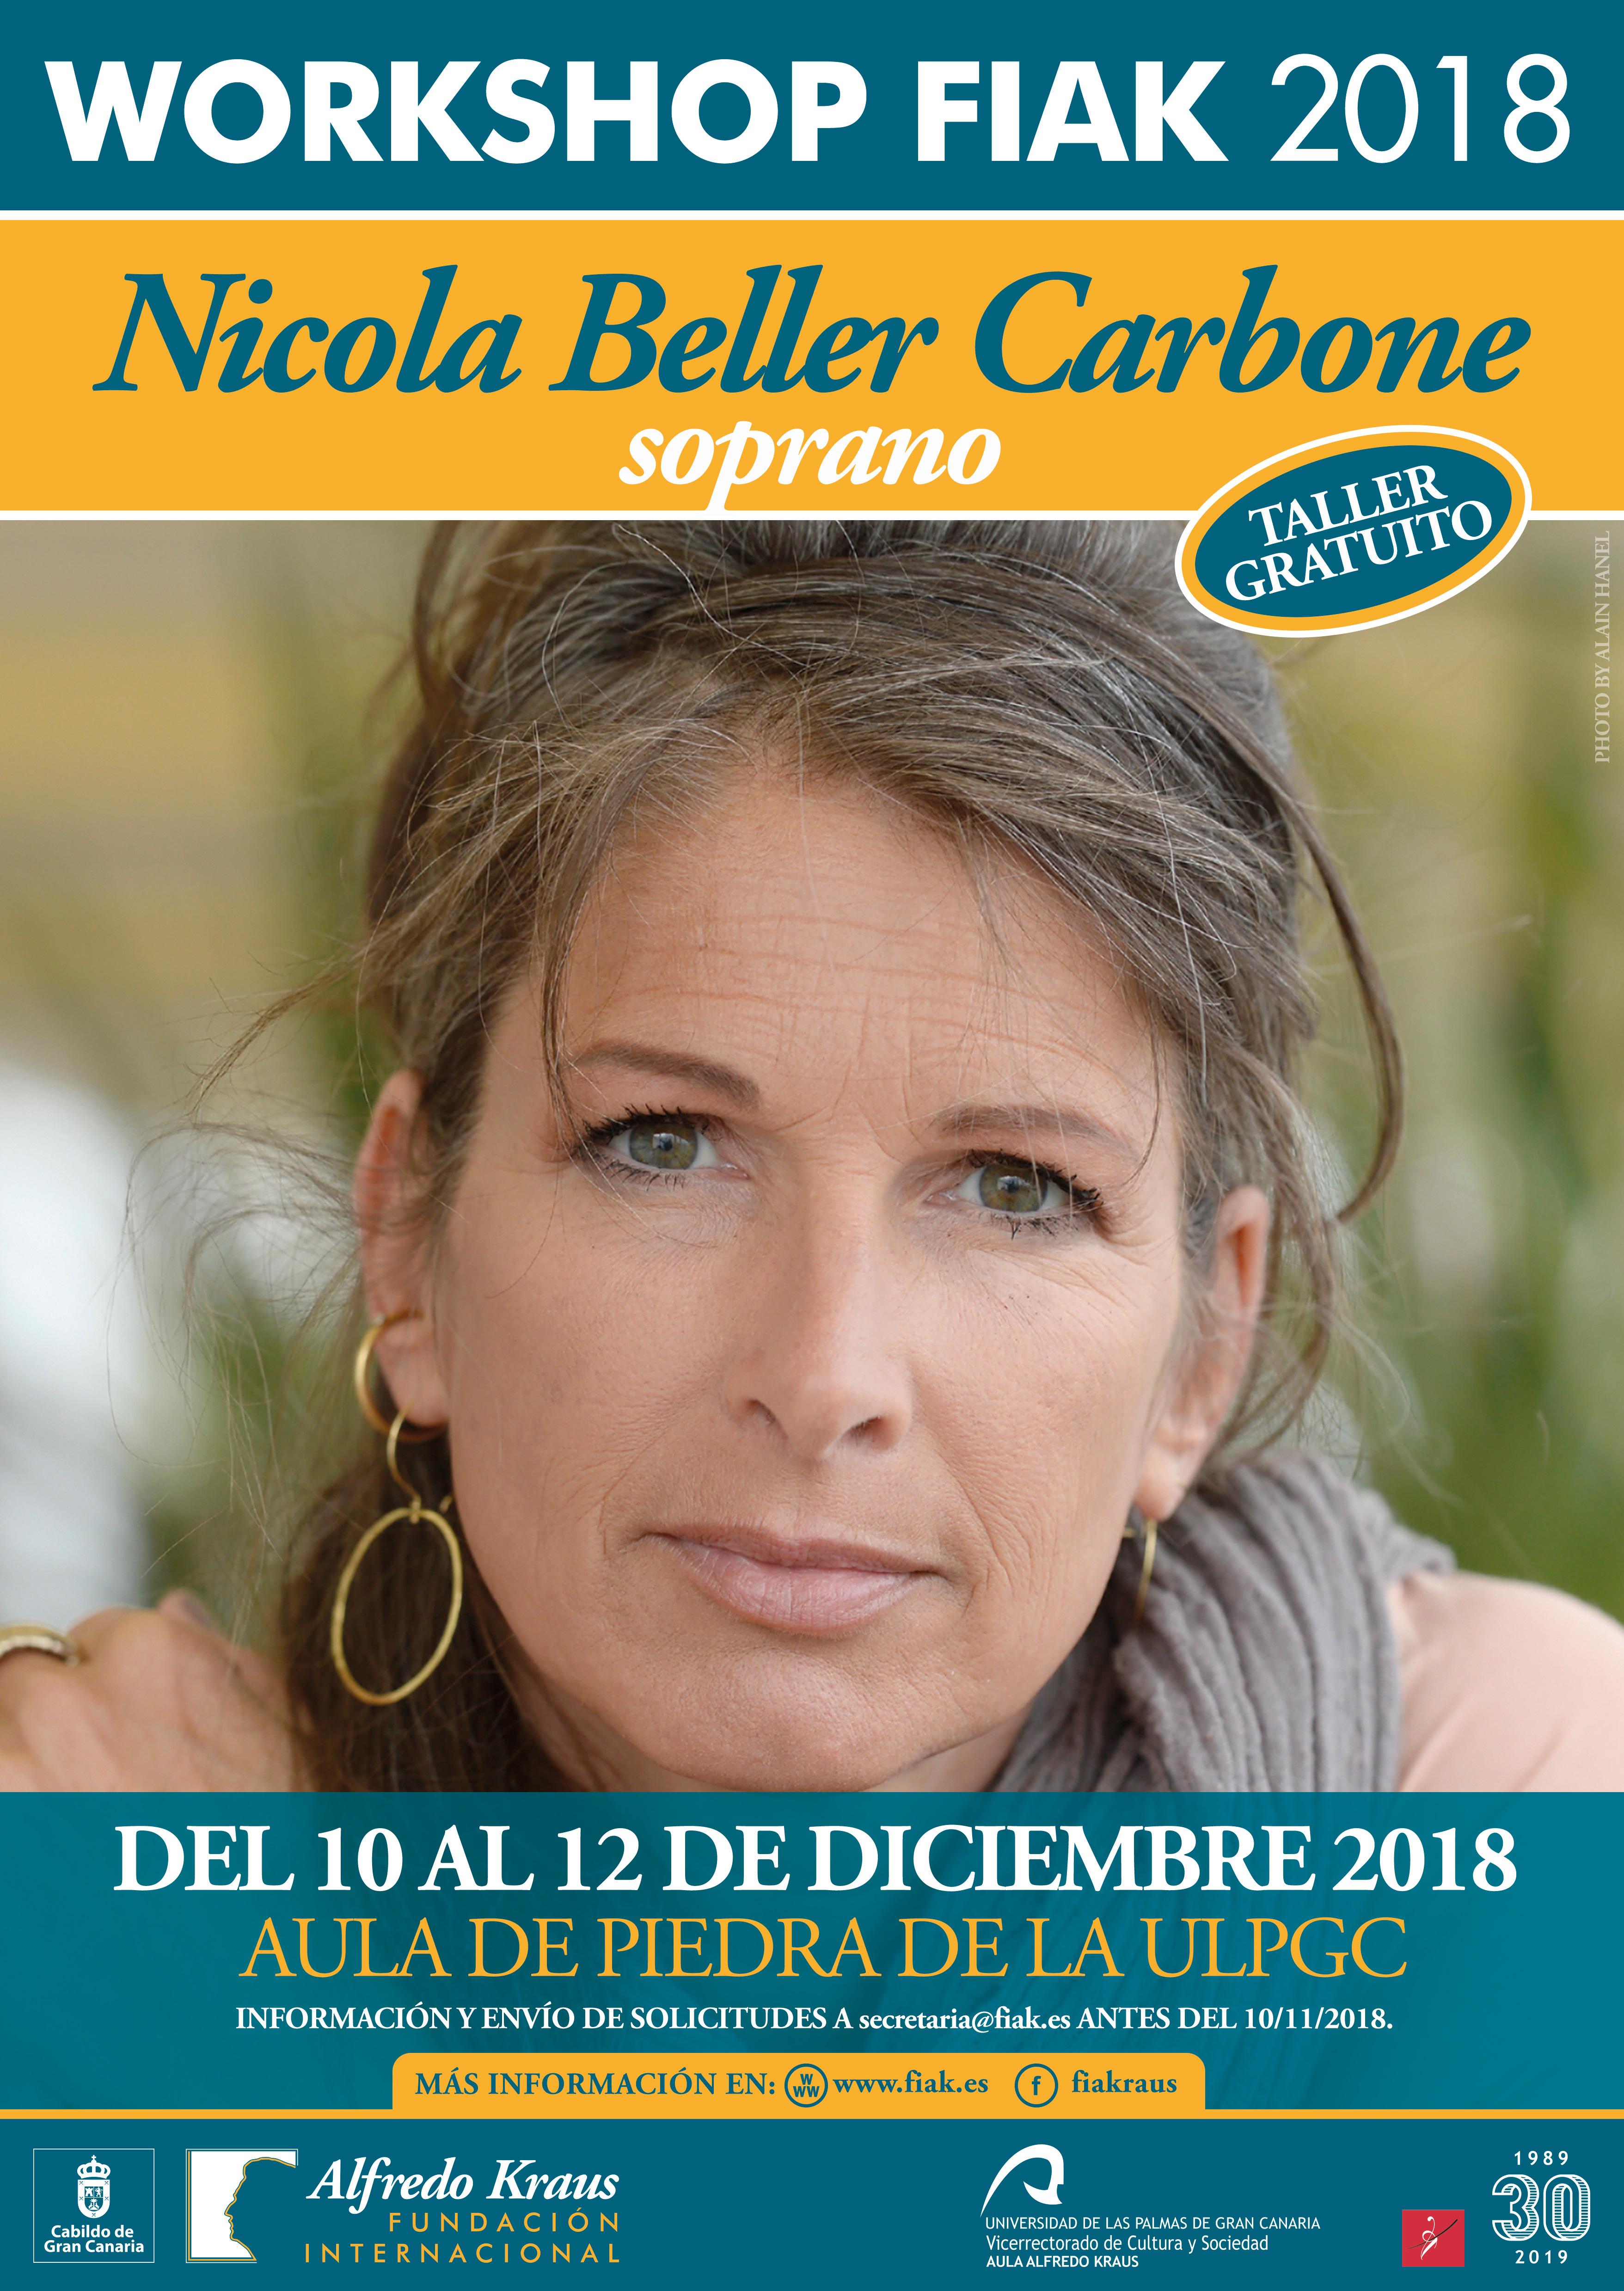 Convocatoria del Workshop FIAK'18, taller didáctico destinado a cantantes y estudiantes de ópera que dictará la soprano Nicola Beller Carbone